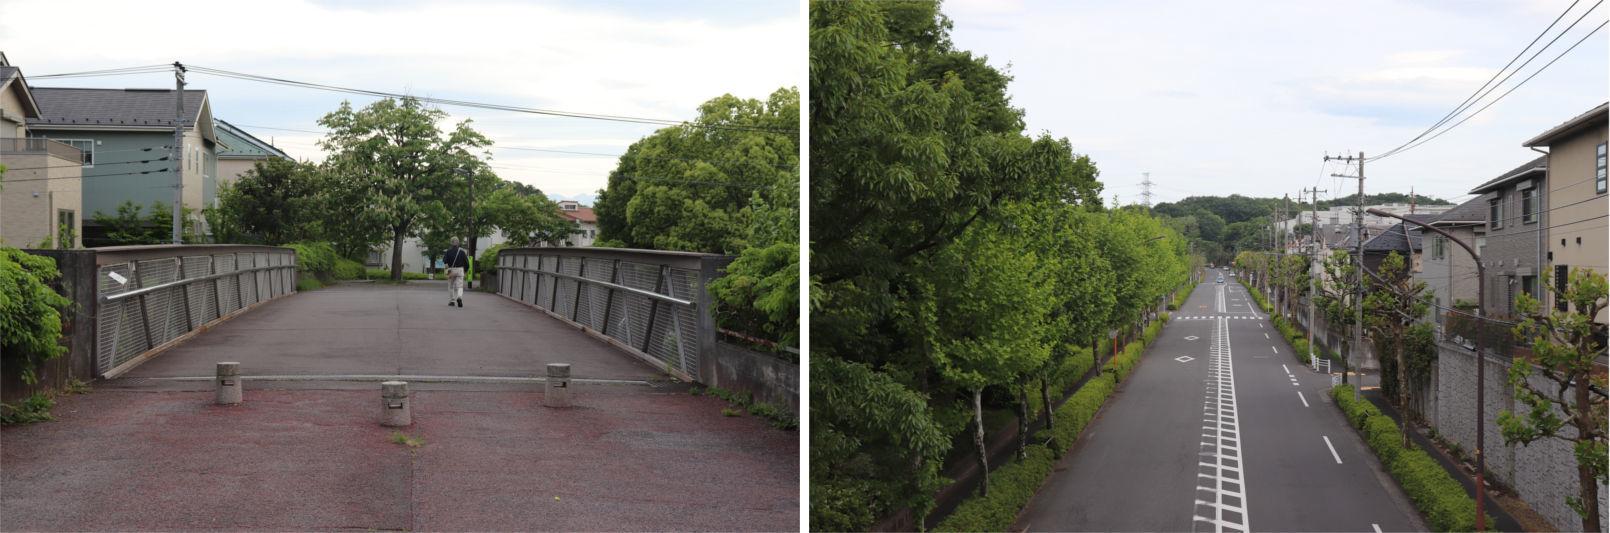 [多摩NTの橋ぜんぶ撮影PJ] No.86~90 瓜生地区の橋_a0332275_00445465.jpg